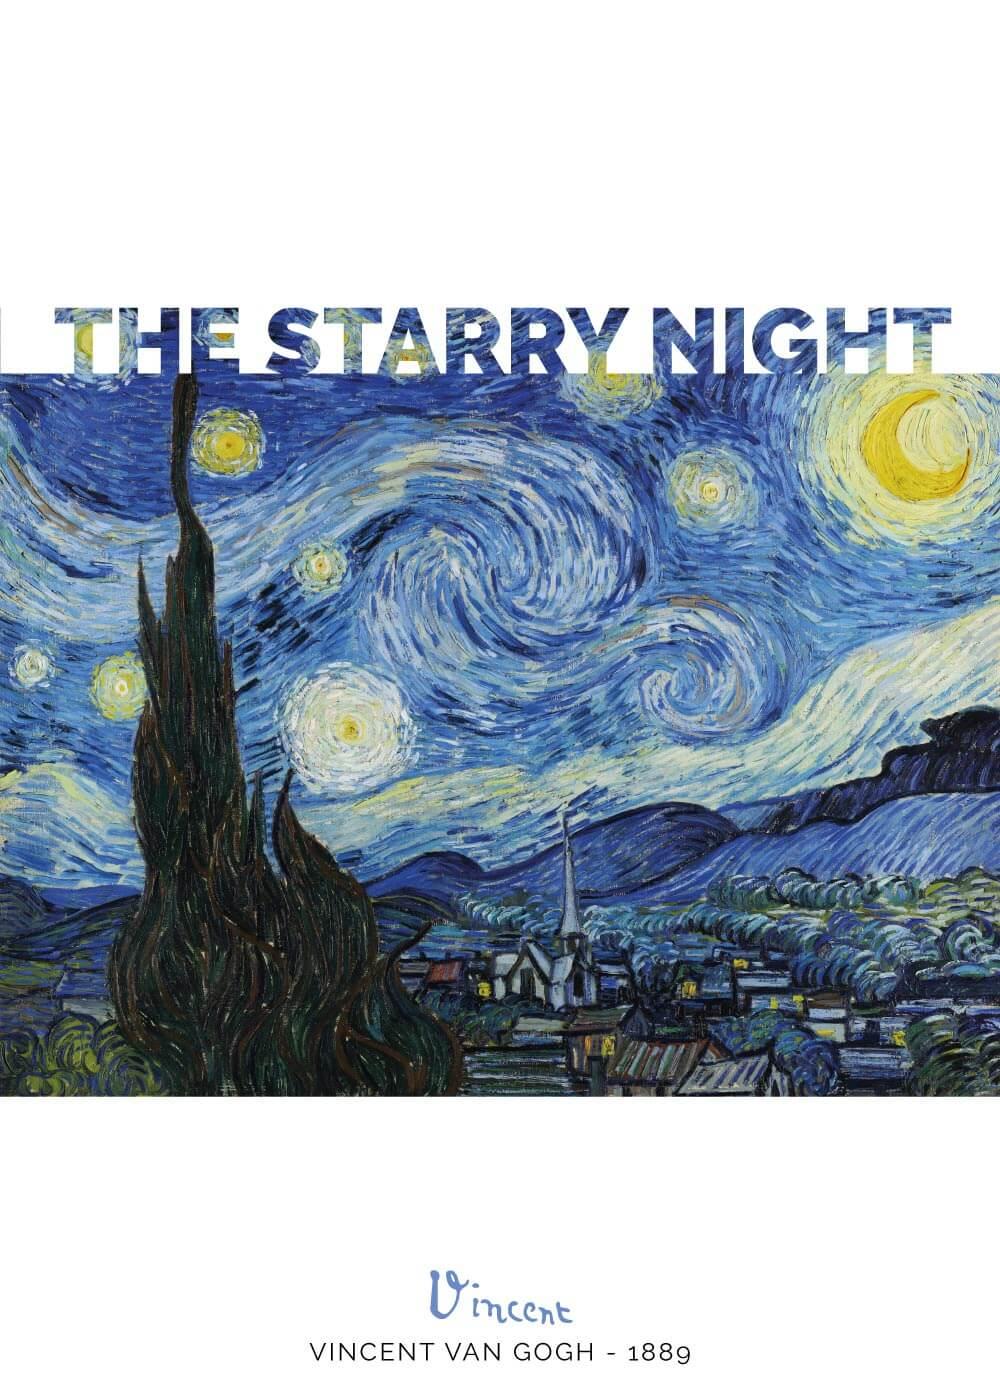 Billede af The starry night - Vincent Van Gogh